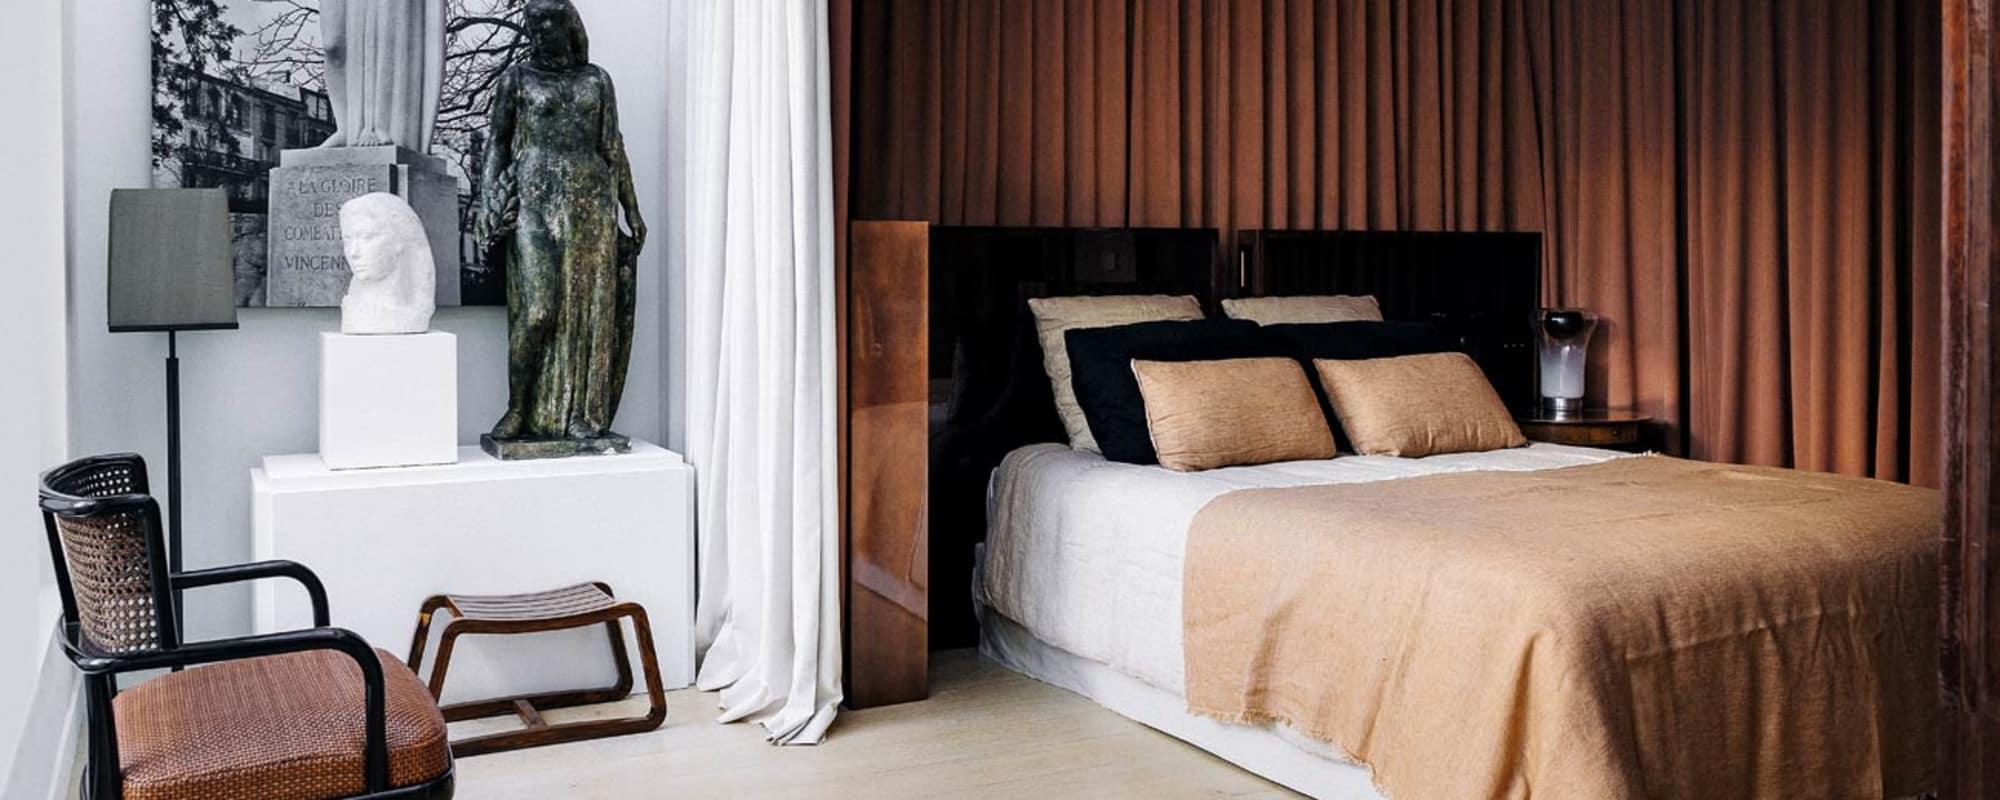 Schlafzimmer einrichten - AD